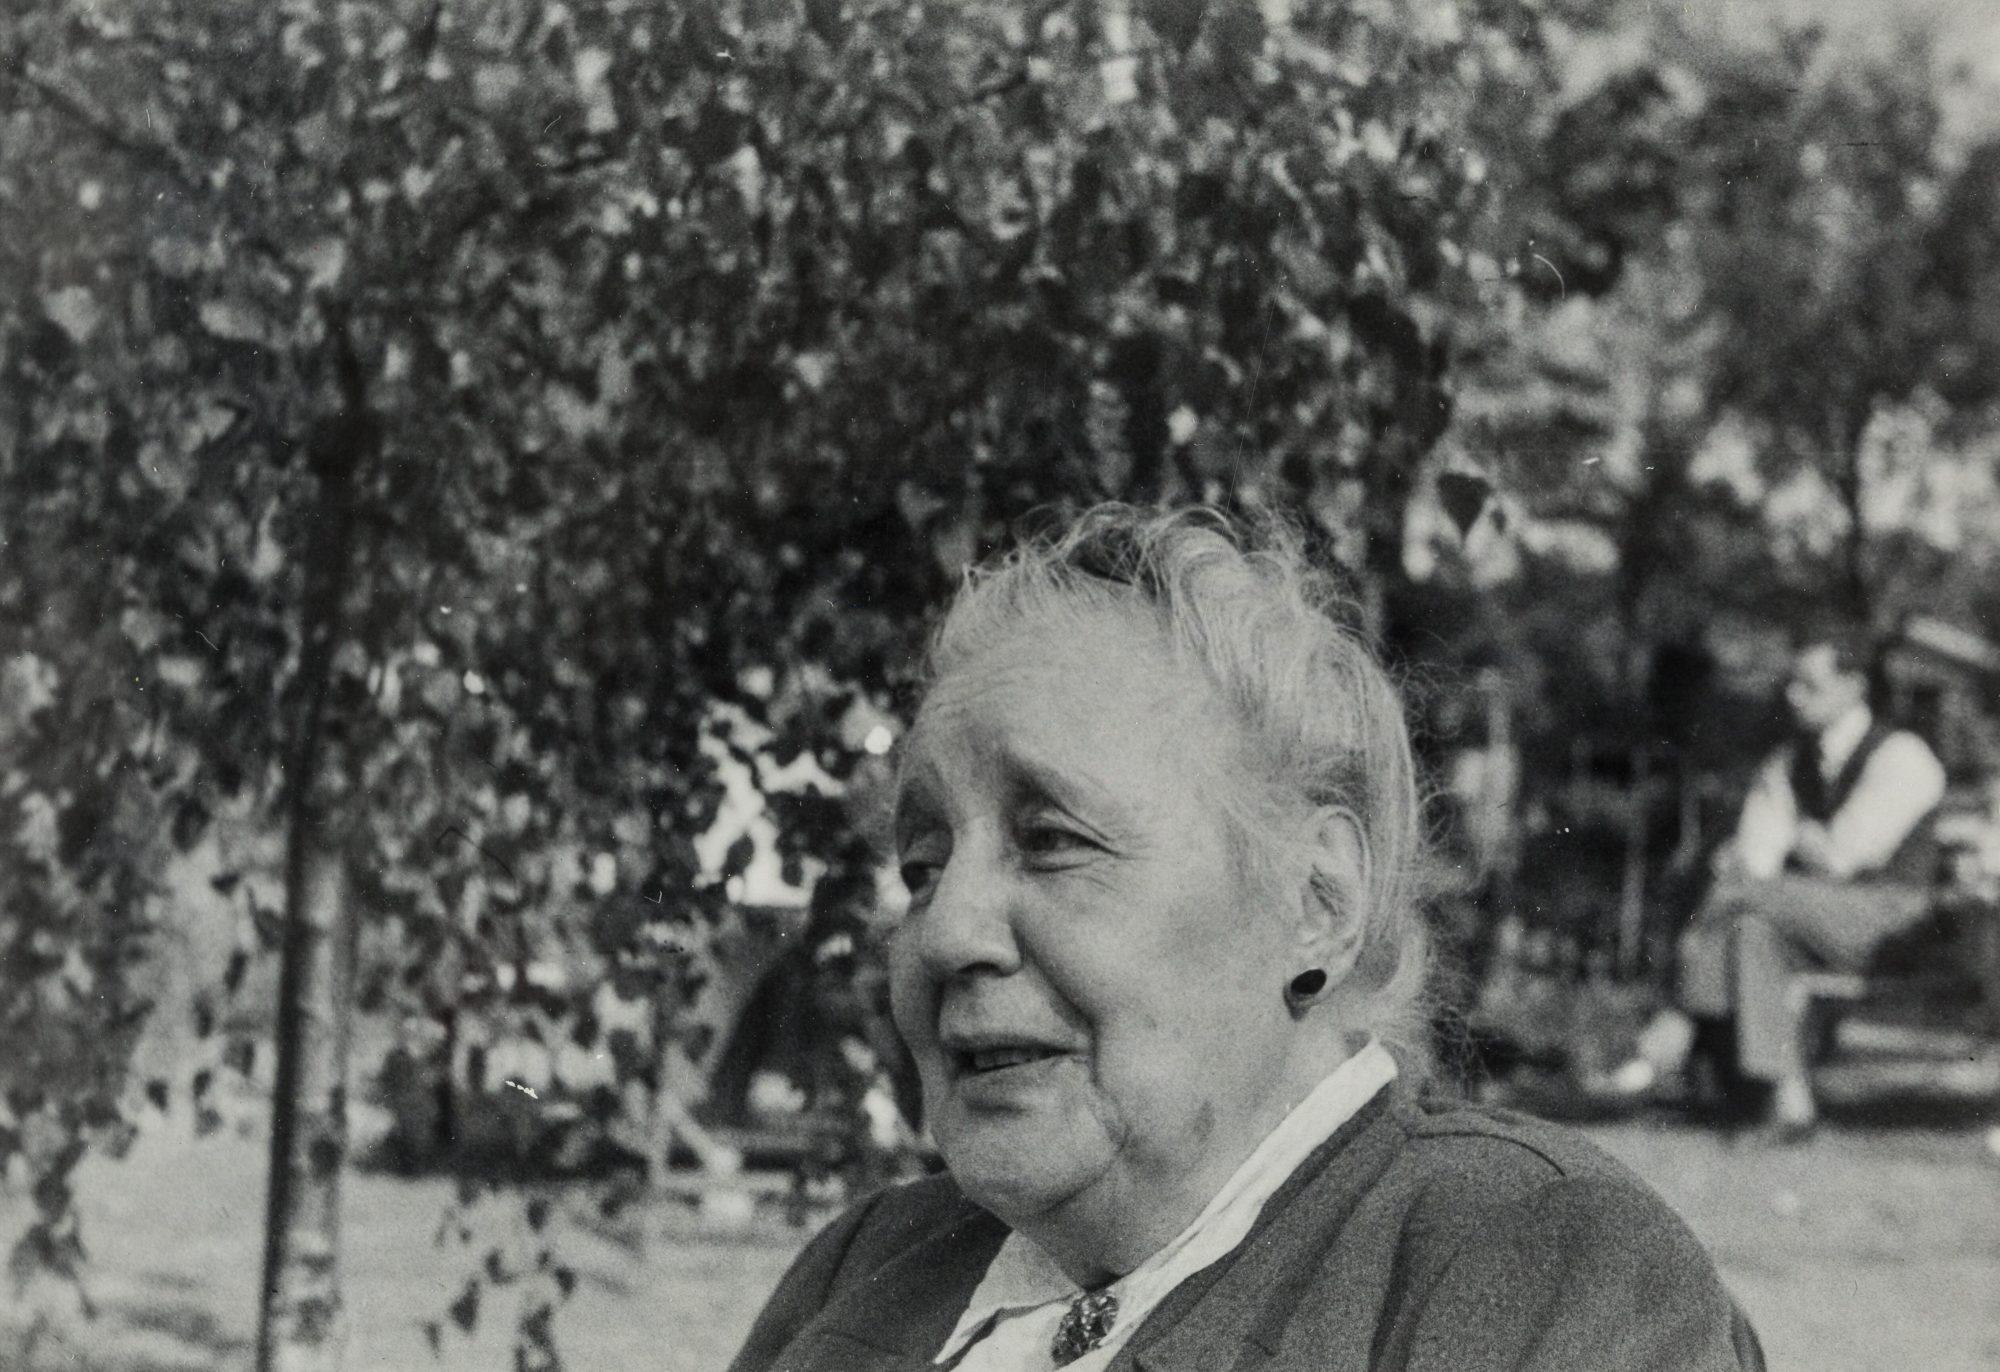 Photographie de Melanie Klein dans un jardin dans les années cinquante